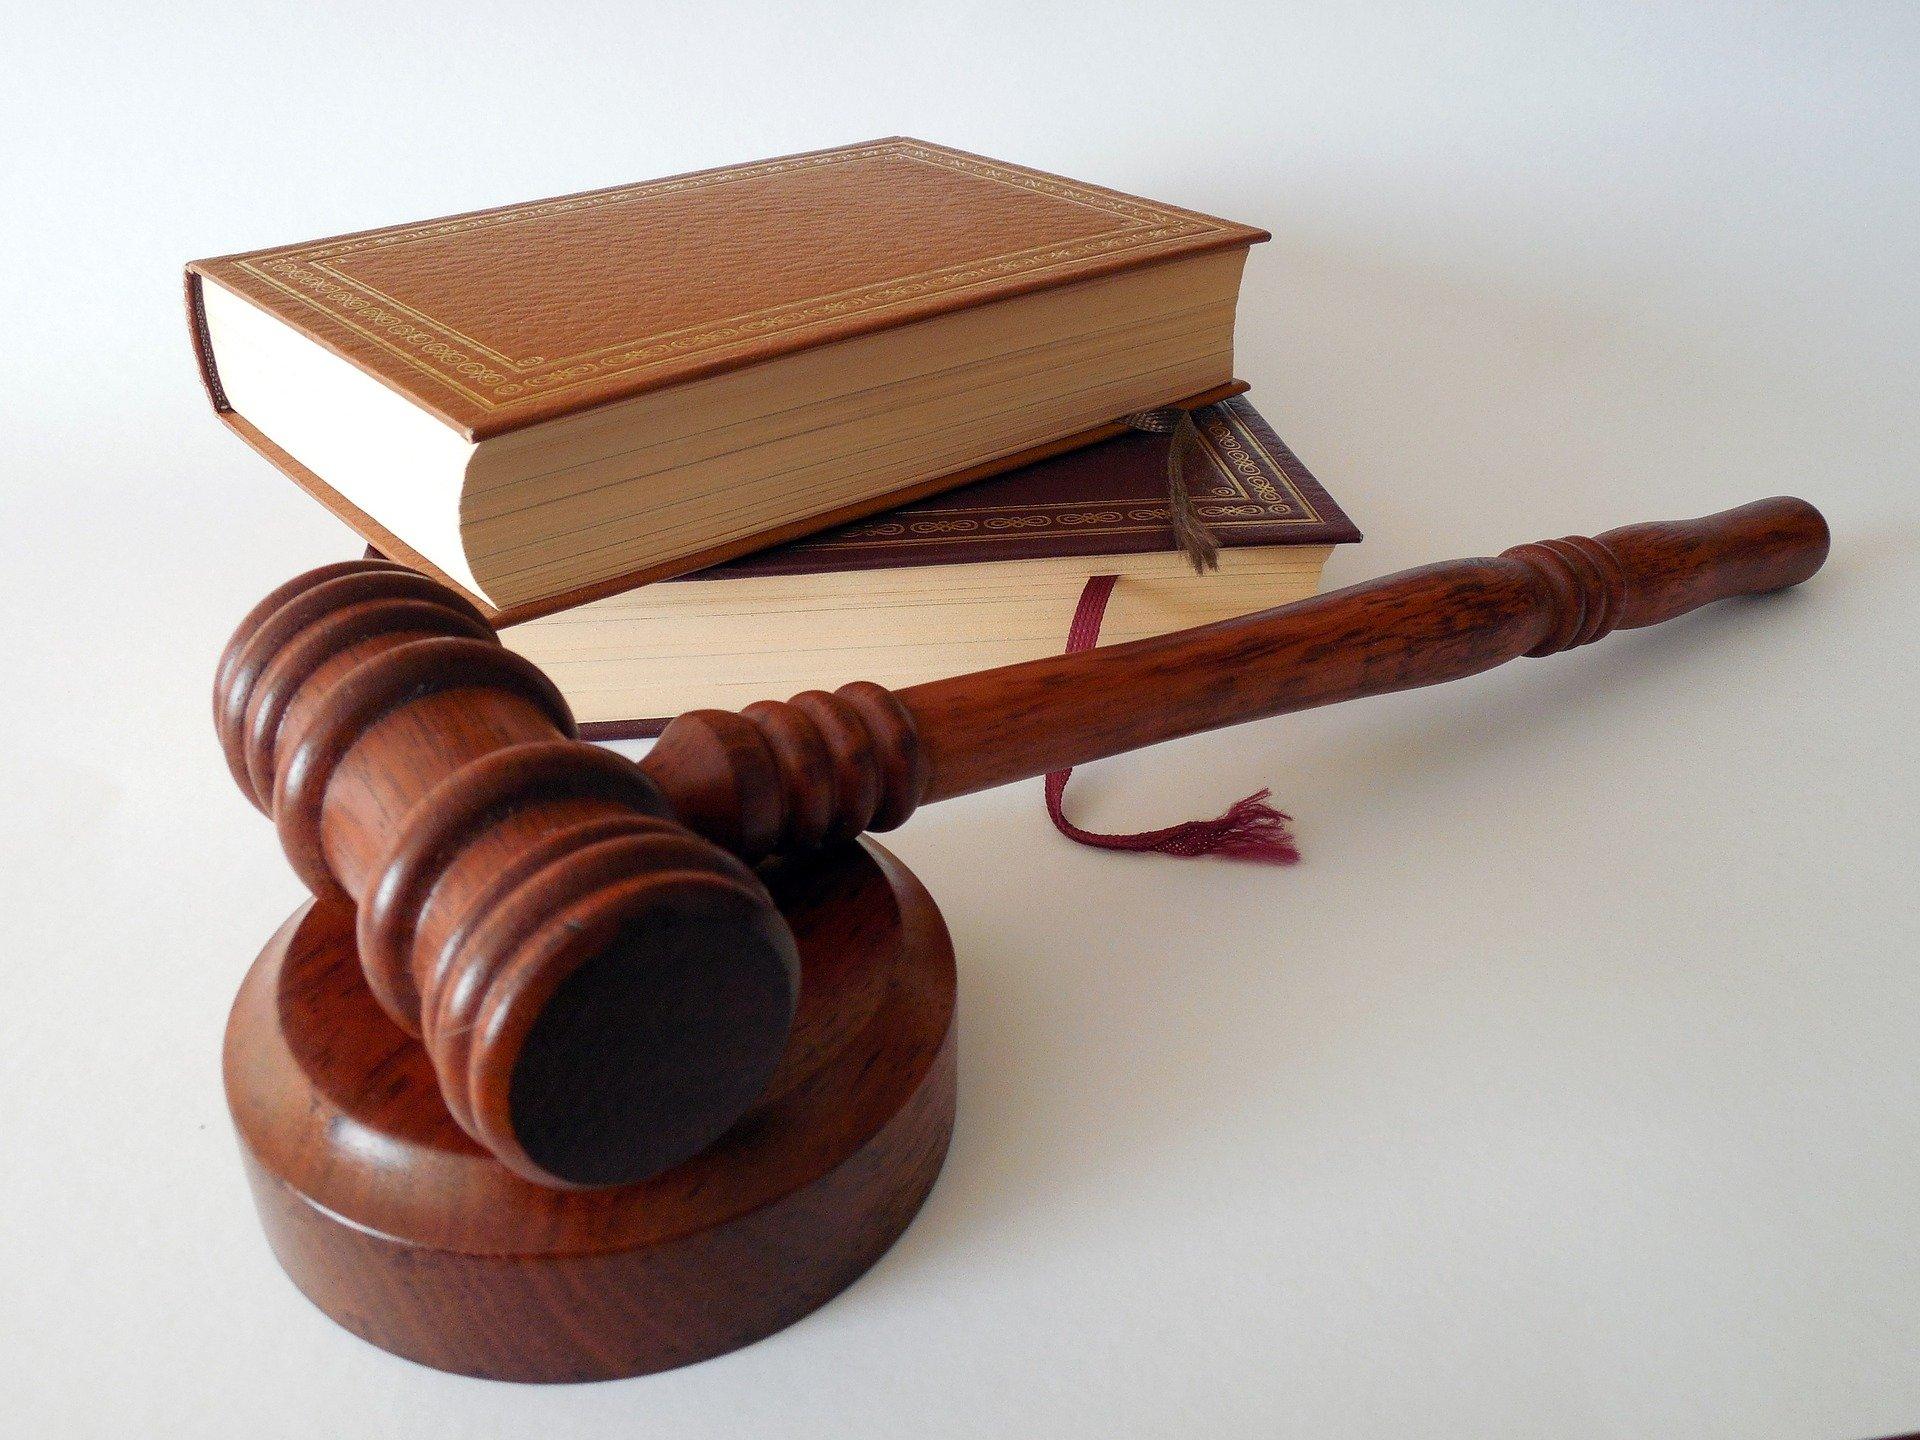 Právnická praxe v režimu novely insolvenčního zákona: Příběh III. Manželský pár posuzovaný jako chráněná osoba